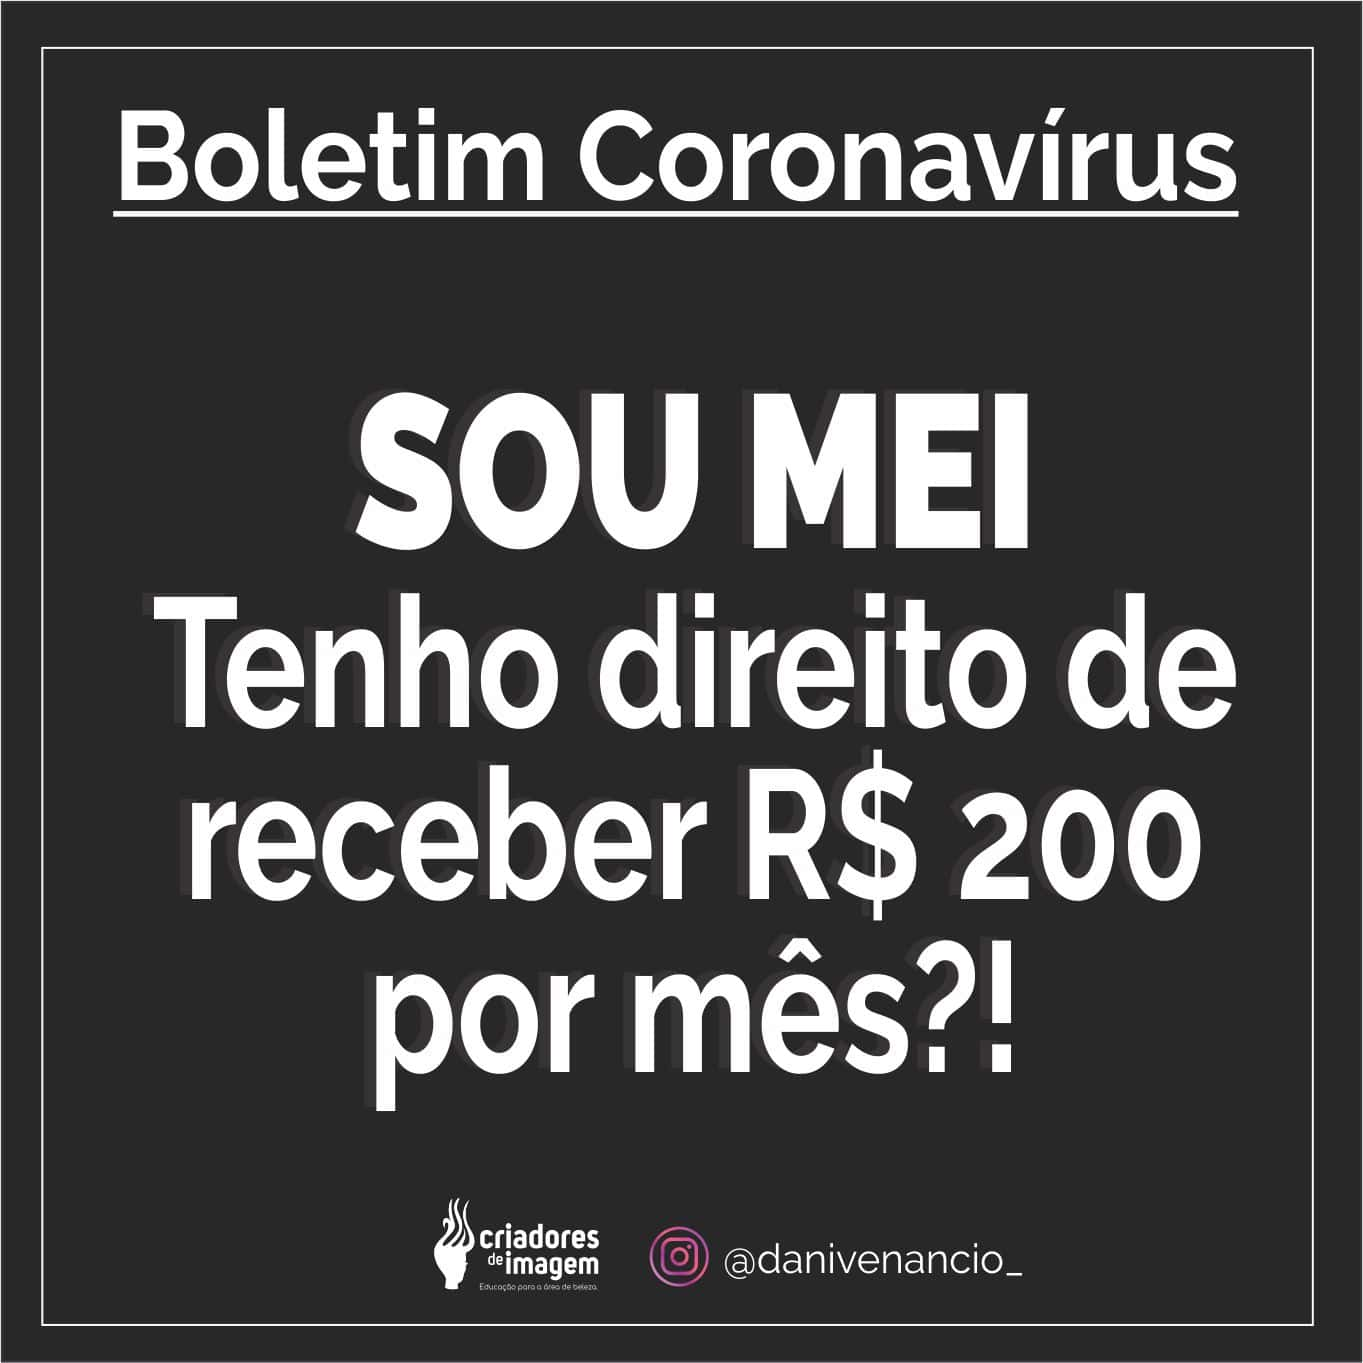 Programa do governo federal. Coronavírus e as finanças do salão. Neste post falo a profissionais autônomos:Sou MEI tenho direito de receber R$ 200 por mês?!